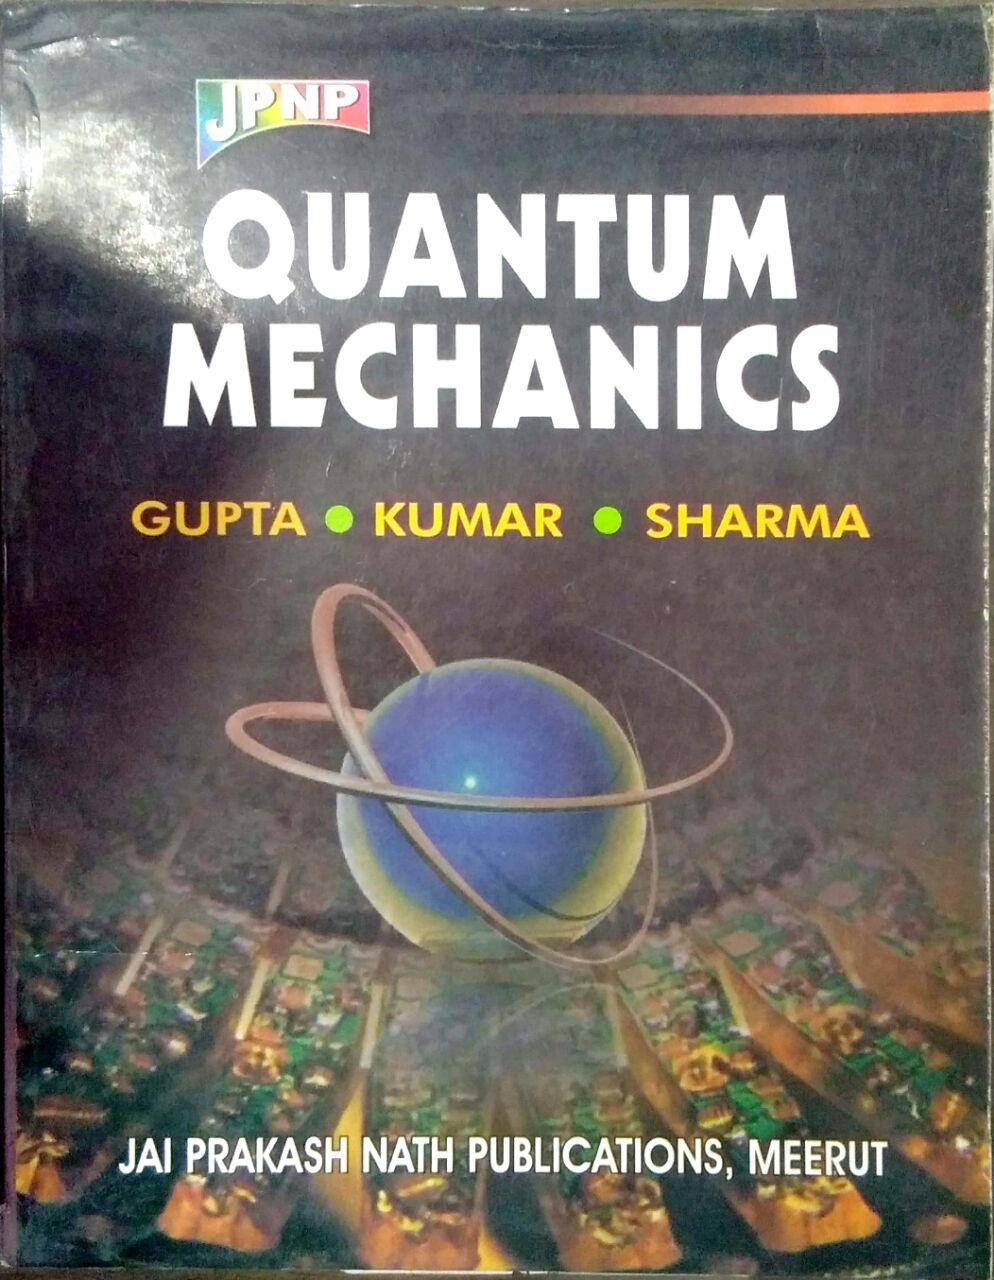 Jai Prakash Nath Publications